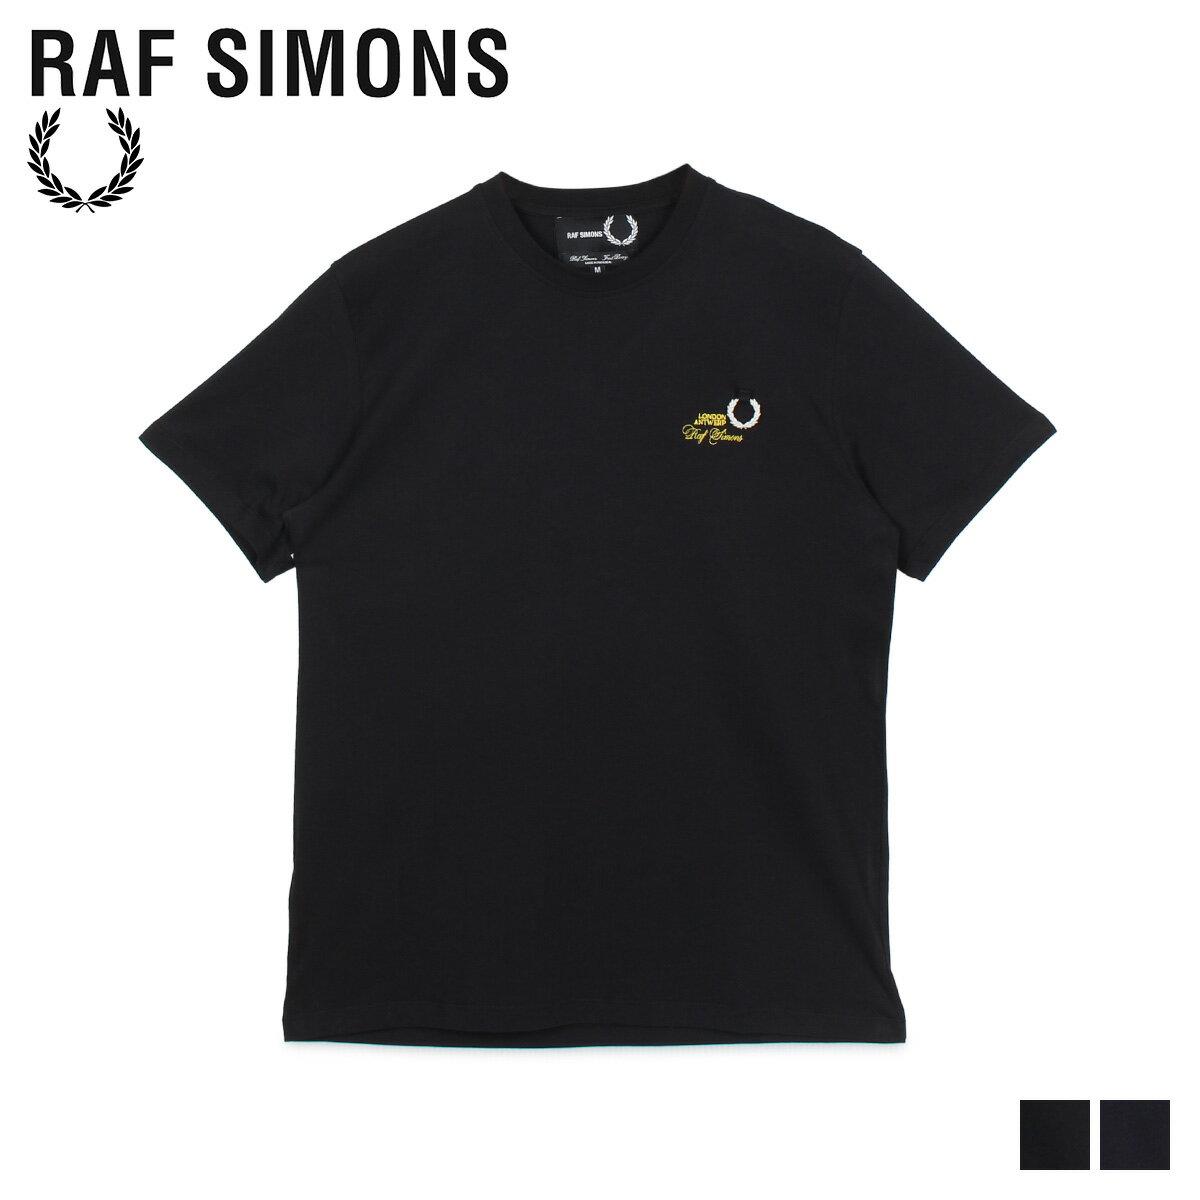 トップス, Tシャツ・カットソー 2000OFF FRED PERRY RAF SIMONS T T-SHIRT SM8130